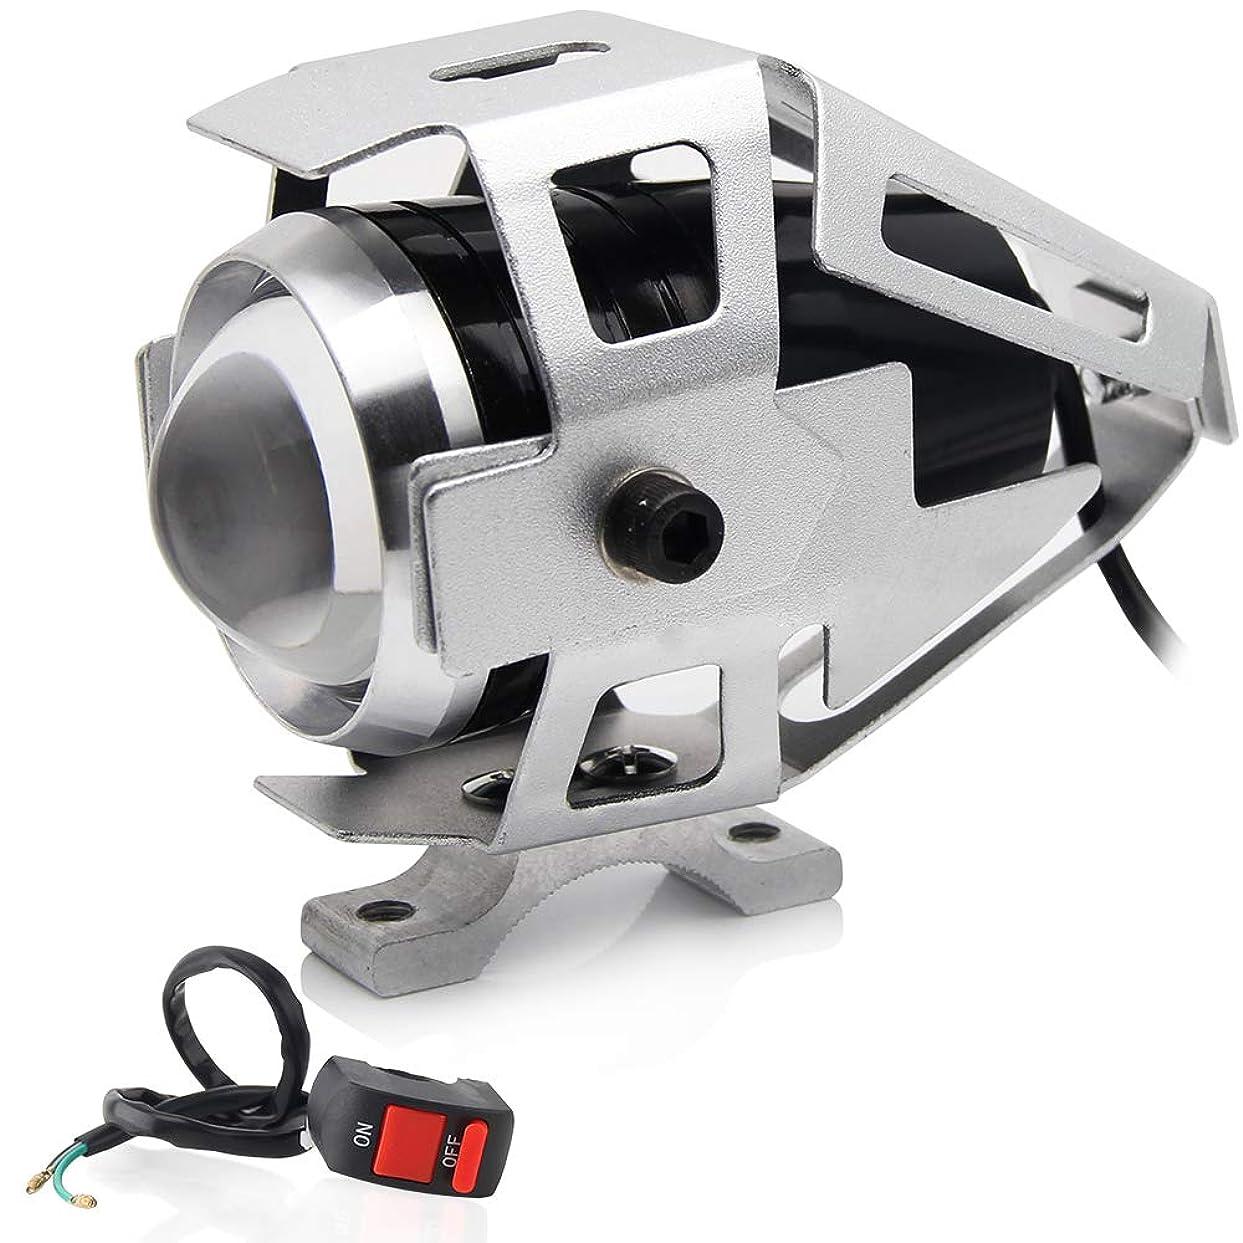 スパーク前兆とは異なりZ1-1BL 爆光 LEDライト ステー付 青 片側交互ストロボ発光 リモコンジョグ ジョグZ ジョグZR/エボリューション BW'S125 BWS シグナスX/SR マジェスティ125/FI マジェスティ250/C 汎用 外装 ヘッドライト デイライト フォグランプ テールランプ バックフォグ 色々なLEDアクセサリーに